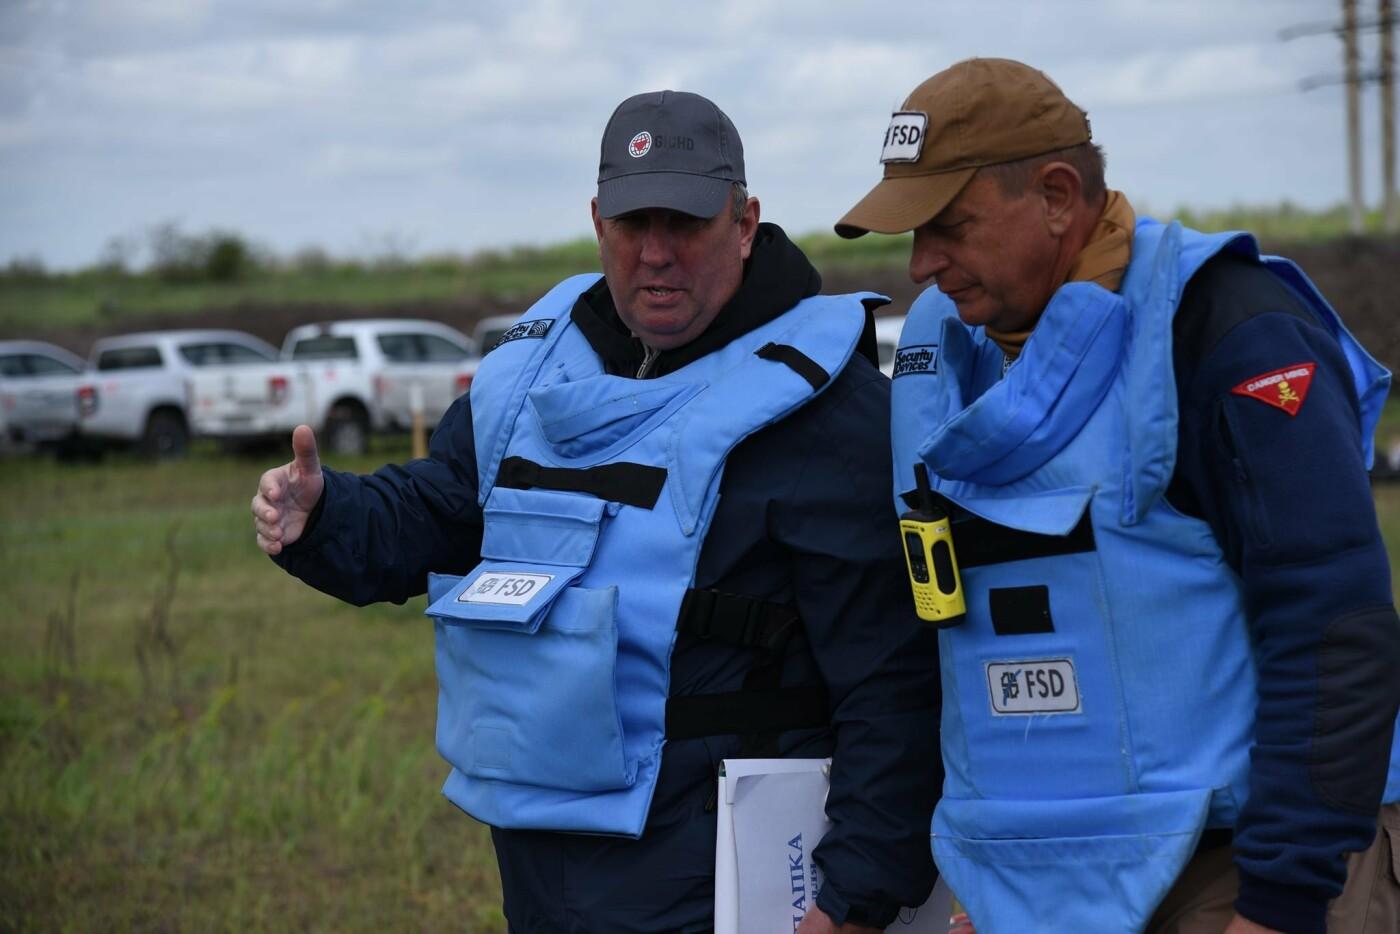 У Кам'янці сертифікували організацію, що займається протимінною діяльністю, фото-8, Фото: пресслужба Військової частини А2641